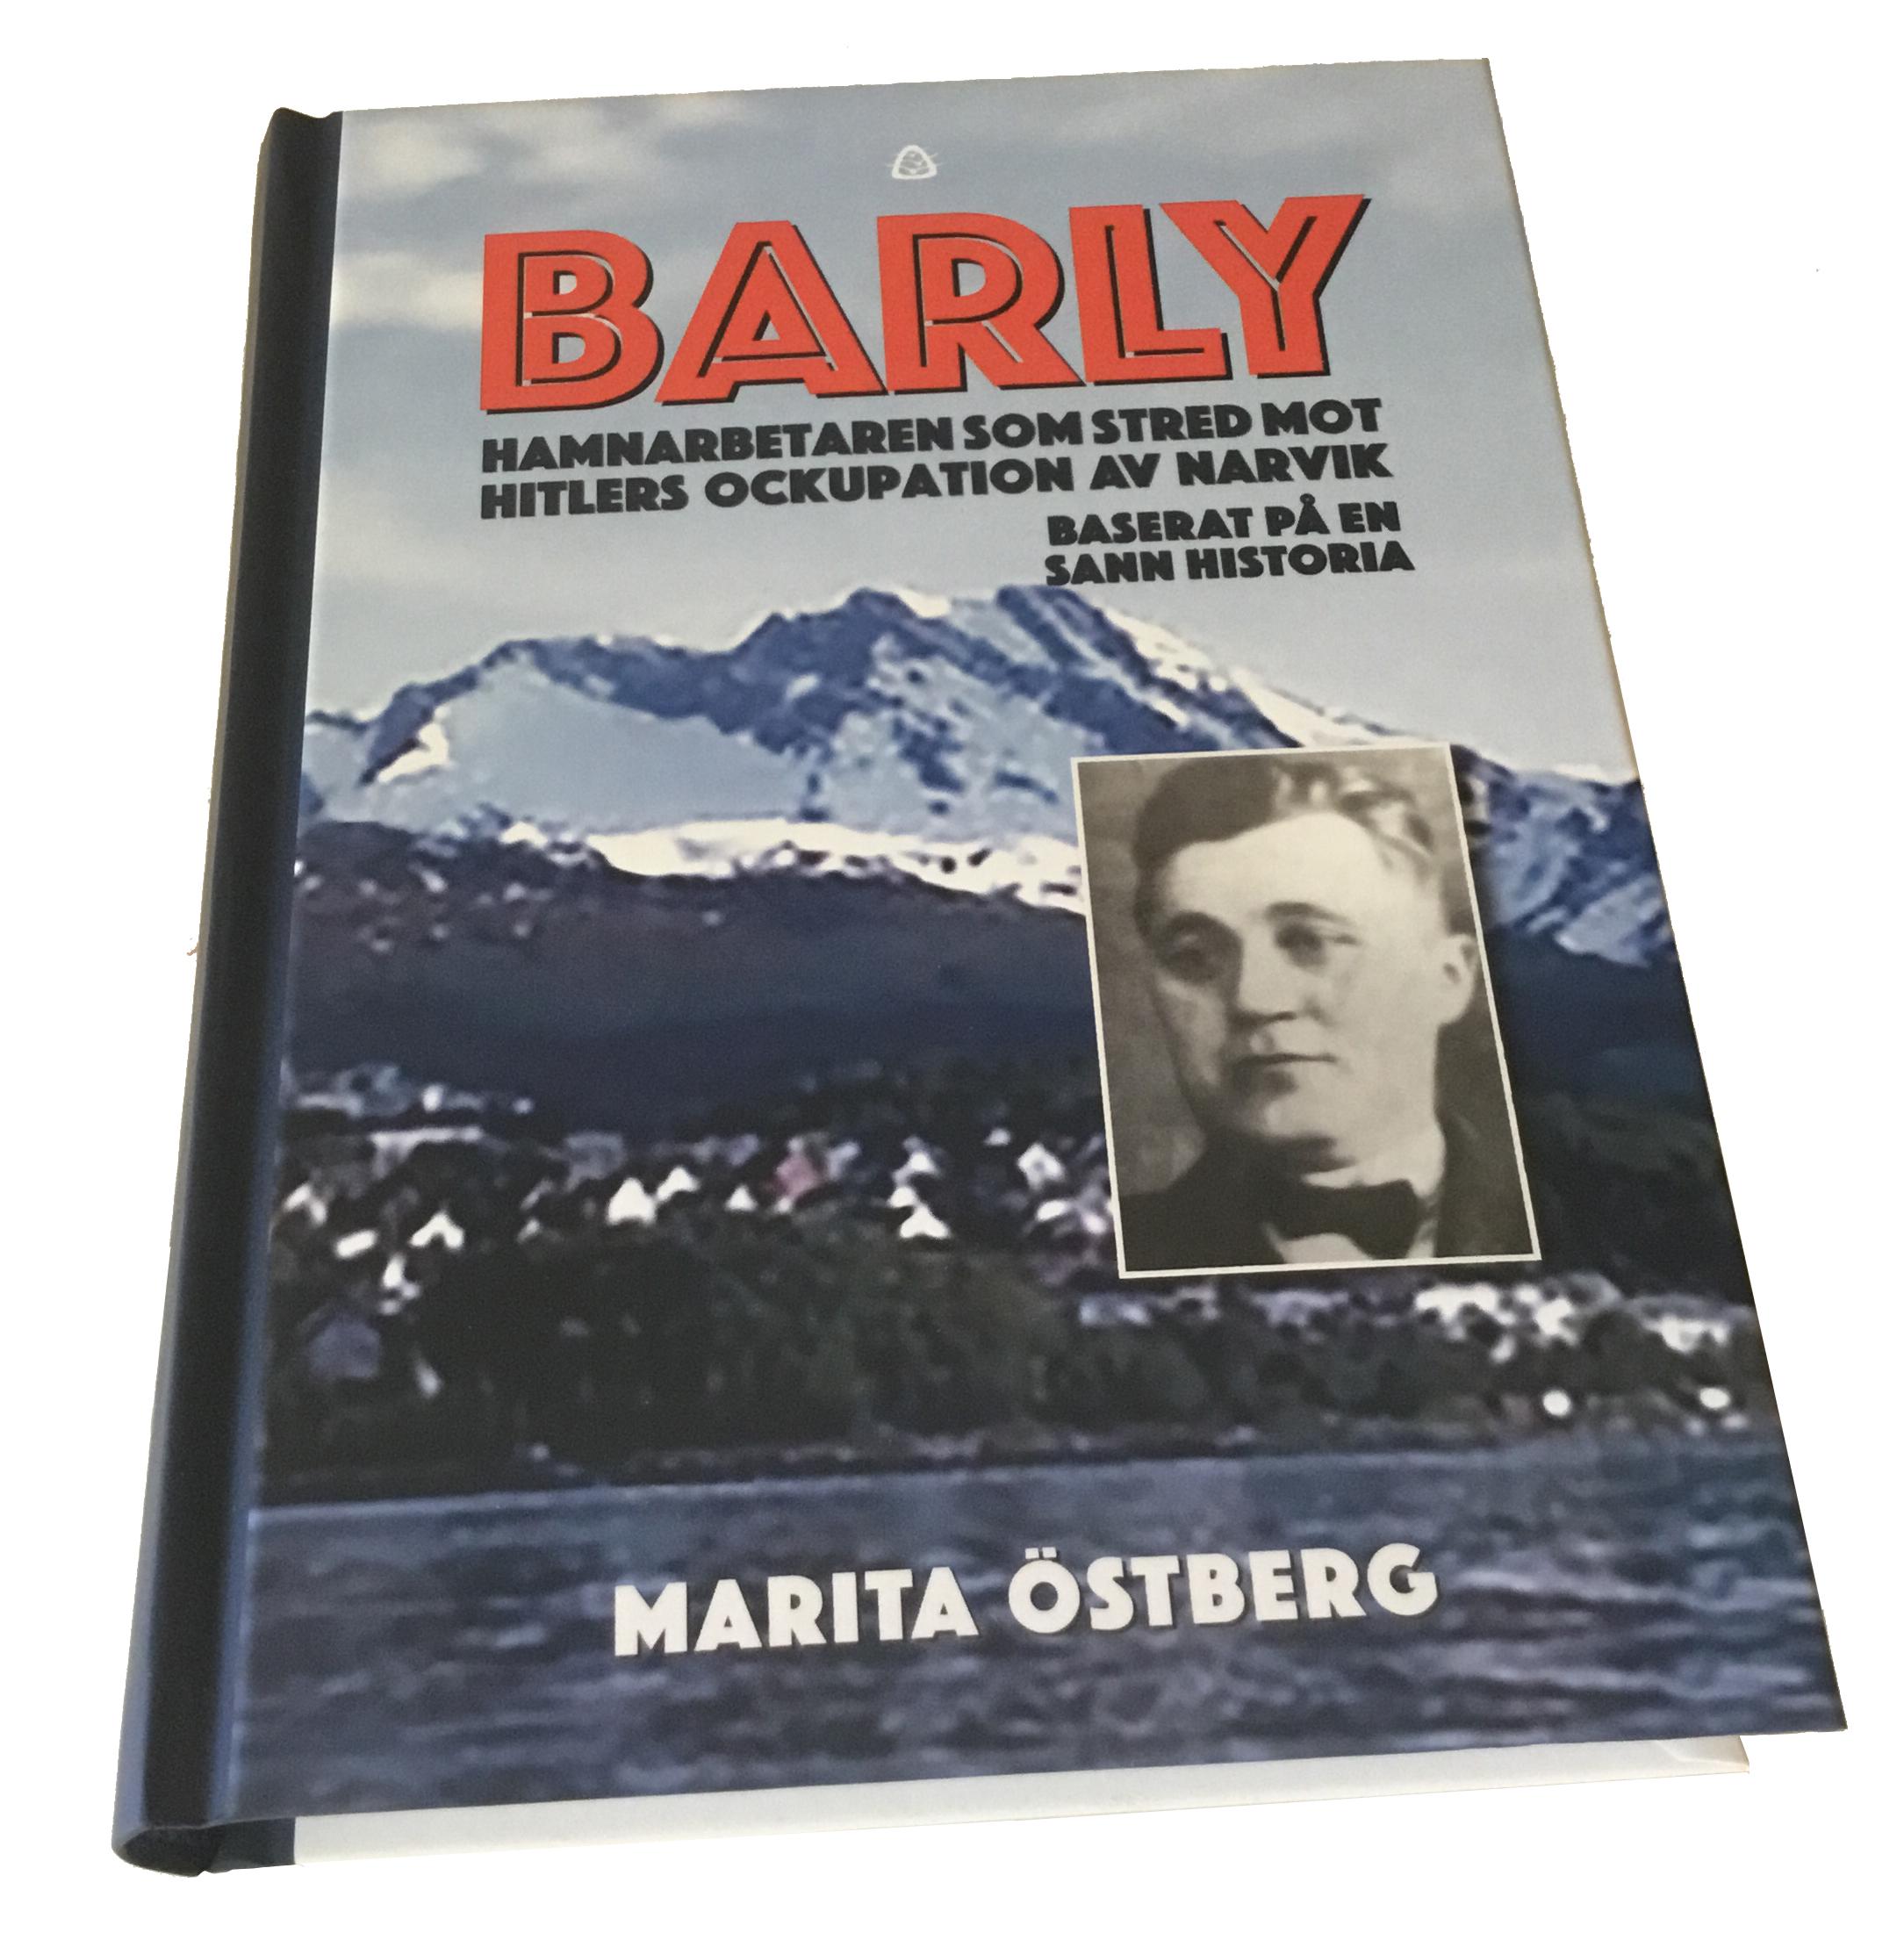 Barly / Marita Östberg